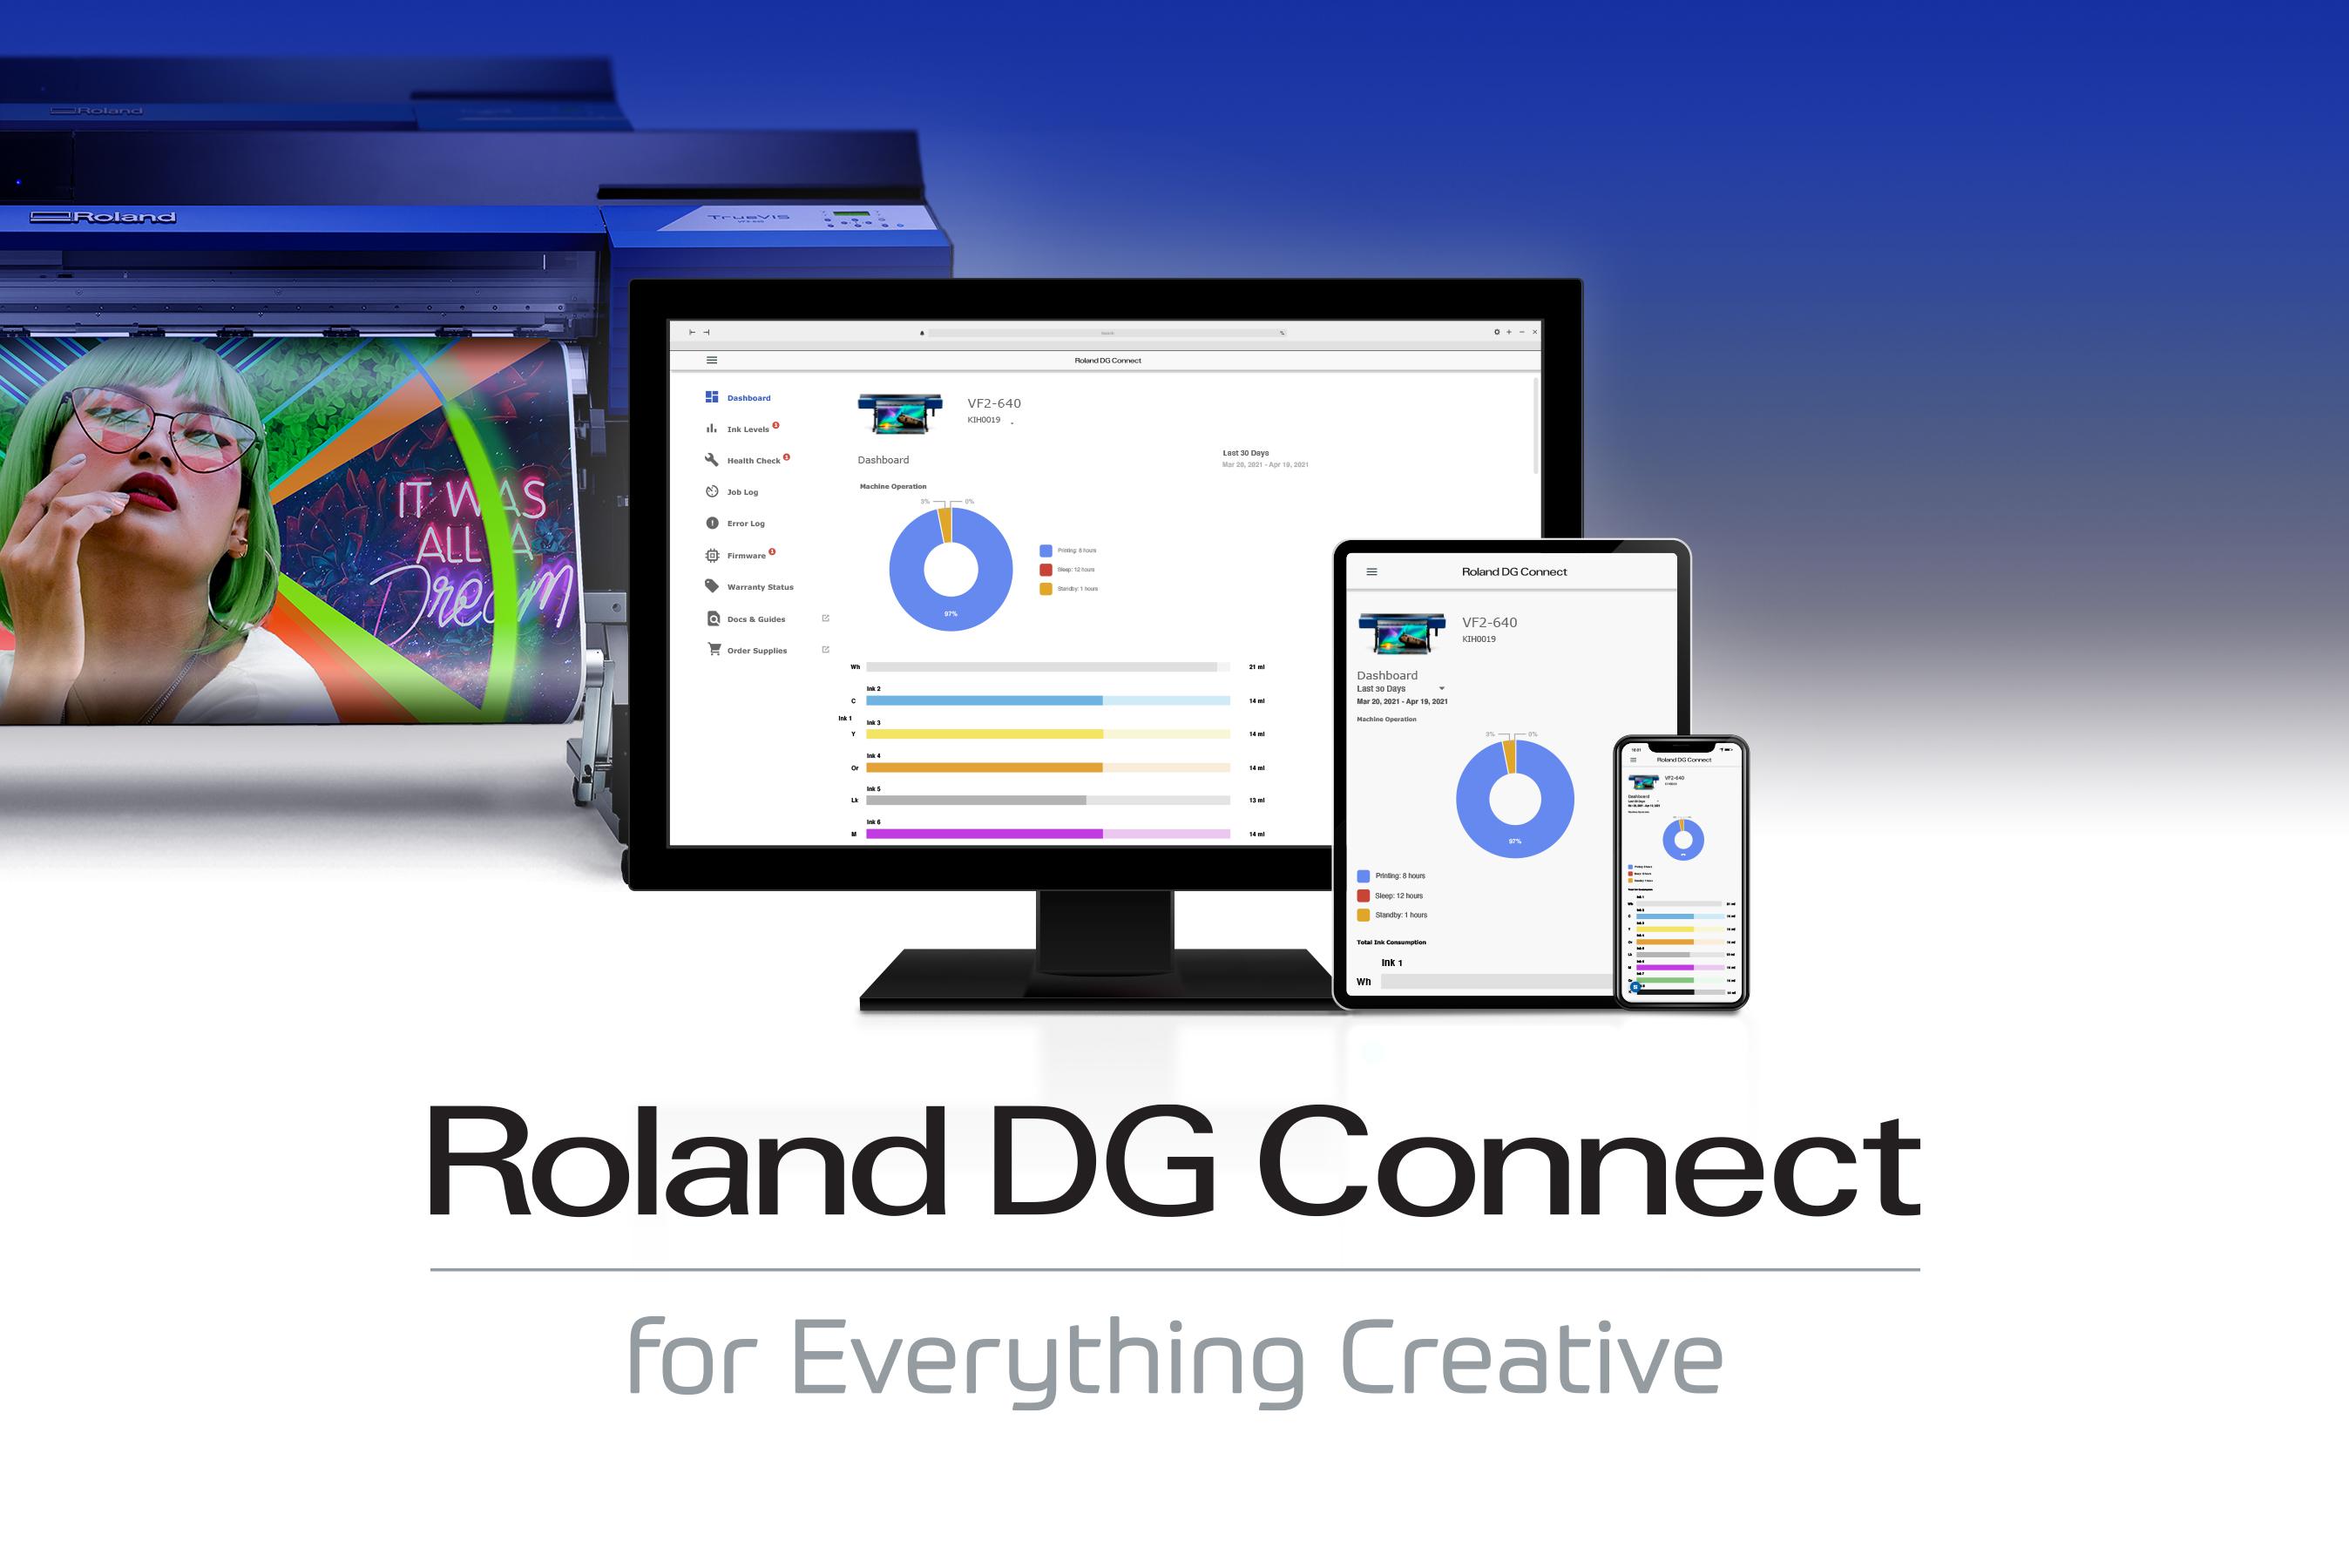 Roland DGA Announces New Roland DG Connect App